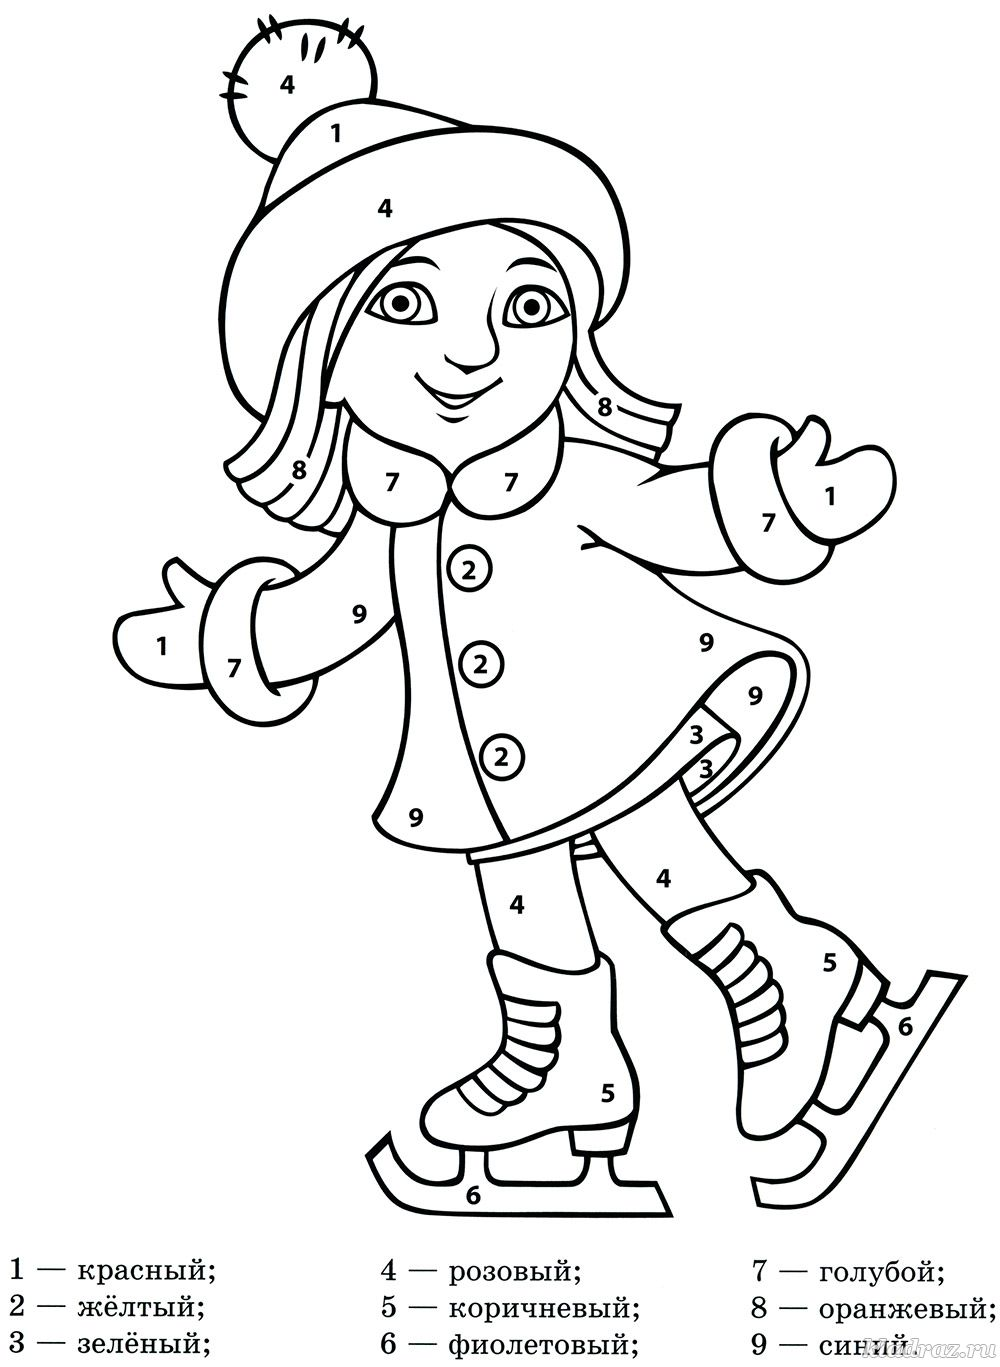 Раскраска по цифрам для детей от 5 лет